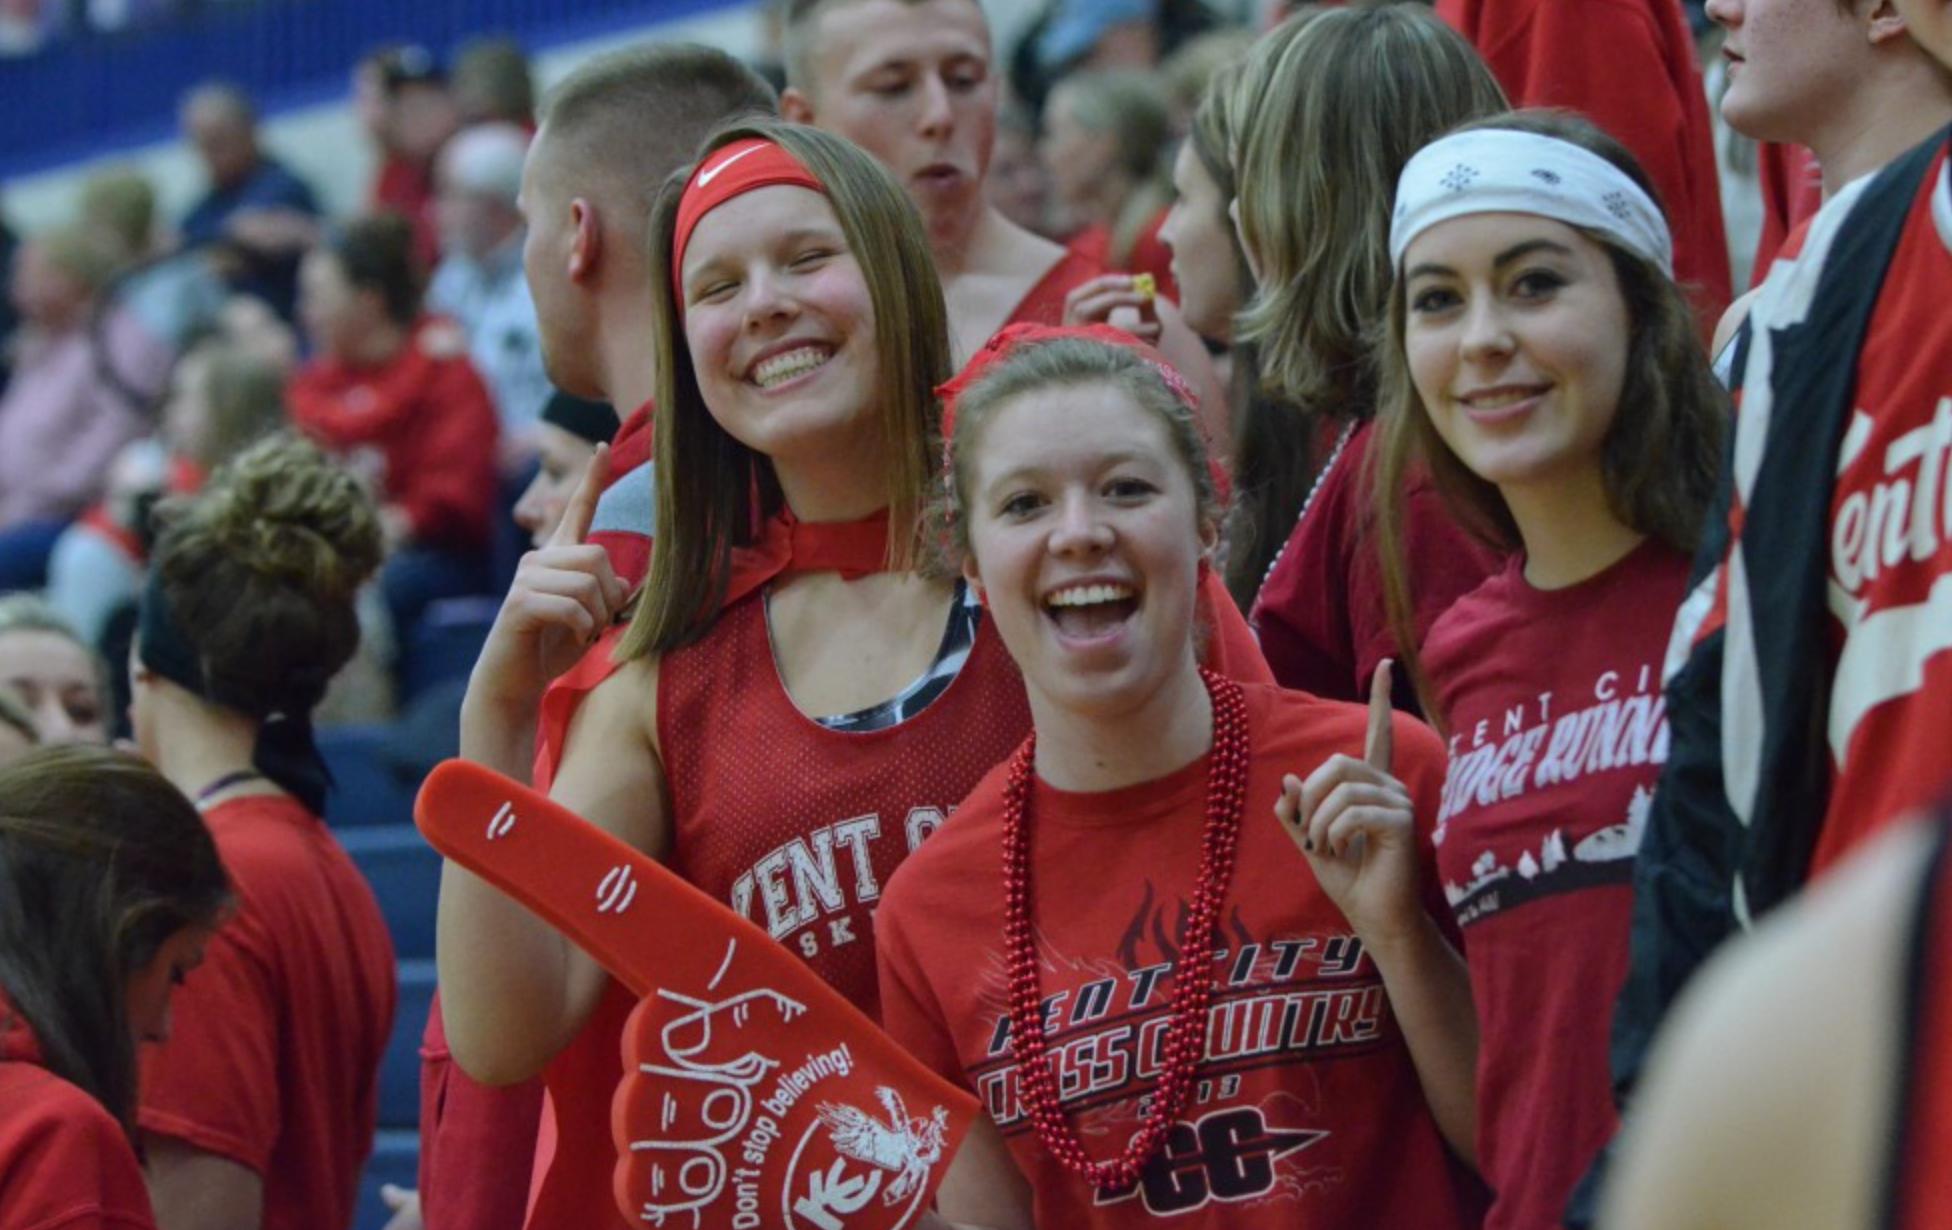 Kent City High School Basketball Fans